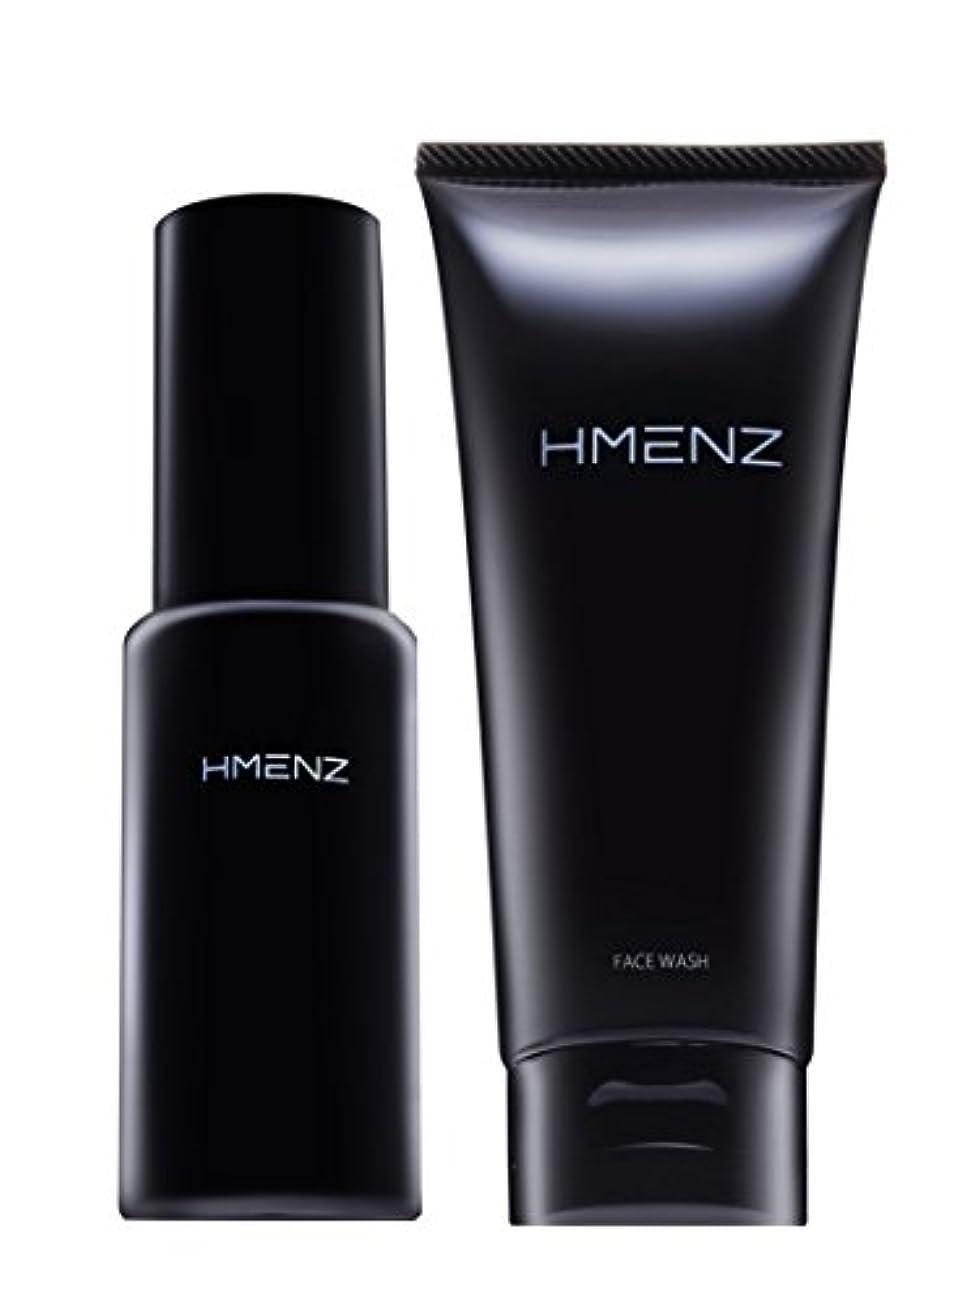 コンピューターヒップ台無しに医薬部外品【 スキンケア セット 】HMENZ メンズ 洗顔 & 美容液 乾燥肌 対策 保湿 (無添加 シミ対策 ニキビ対策 エイジングケア) 洗顔 オールインワン ジェル 100g&50ml